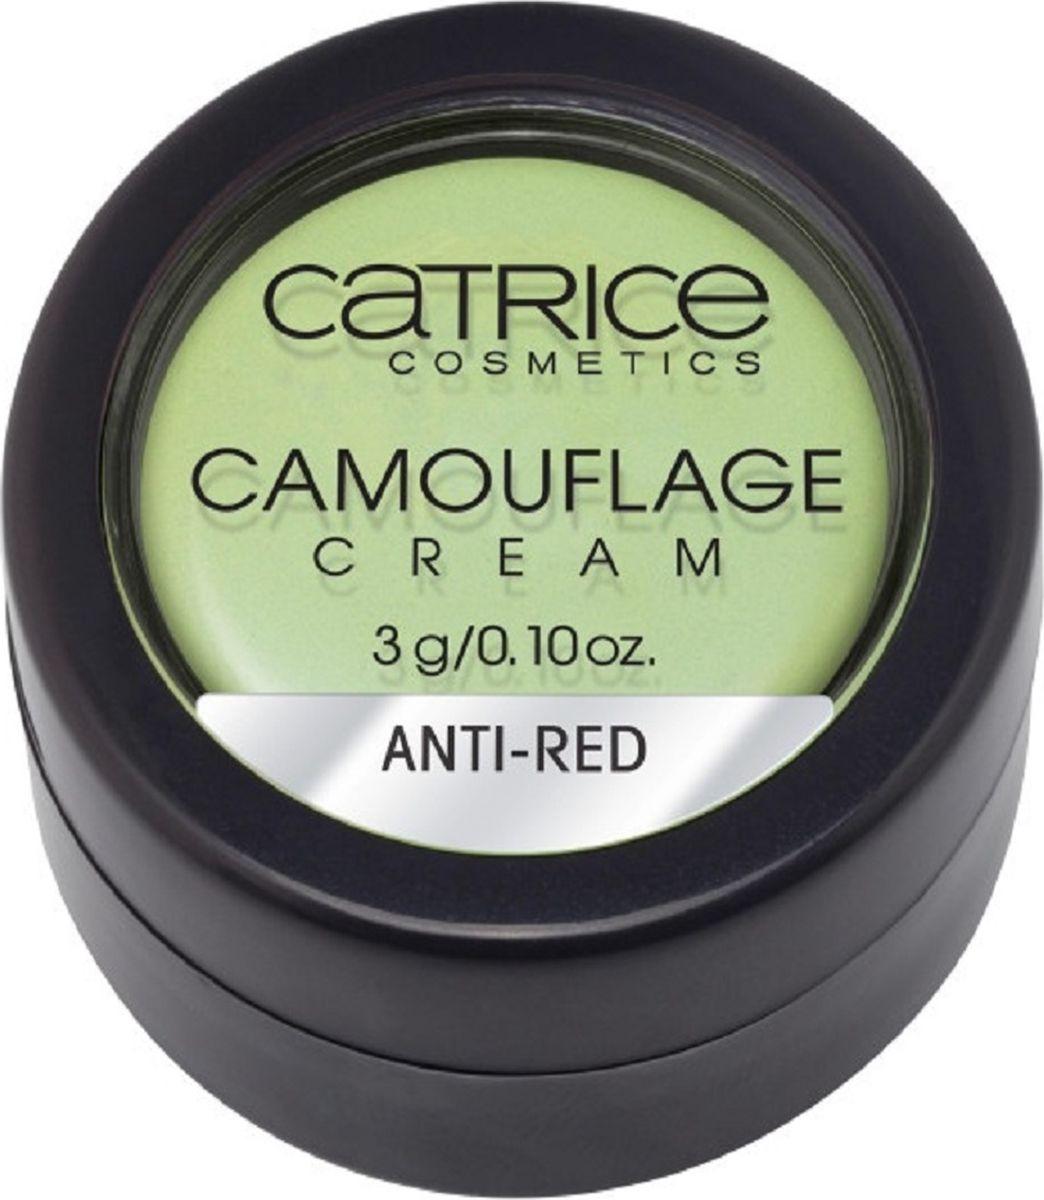 Catrice Консилер Camouflage Cream Anti-Red, 3 гA8784100Матовый корректор Camouflage Cream нейтрализует и перекрывает любые совершенства кожи. Стойкая текстура и непревзойденные маскирующие свойства в сочетании с мягкой, легко поддающейся растушевке кремовой текстурой, гарантируют безупречный результат: идеально ровный тон кожи без видимых недостатков.